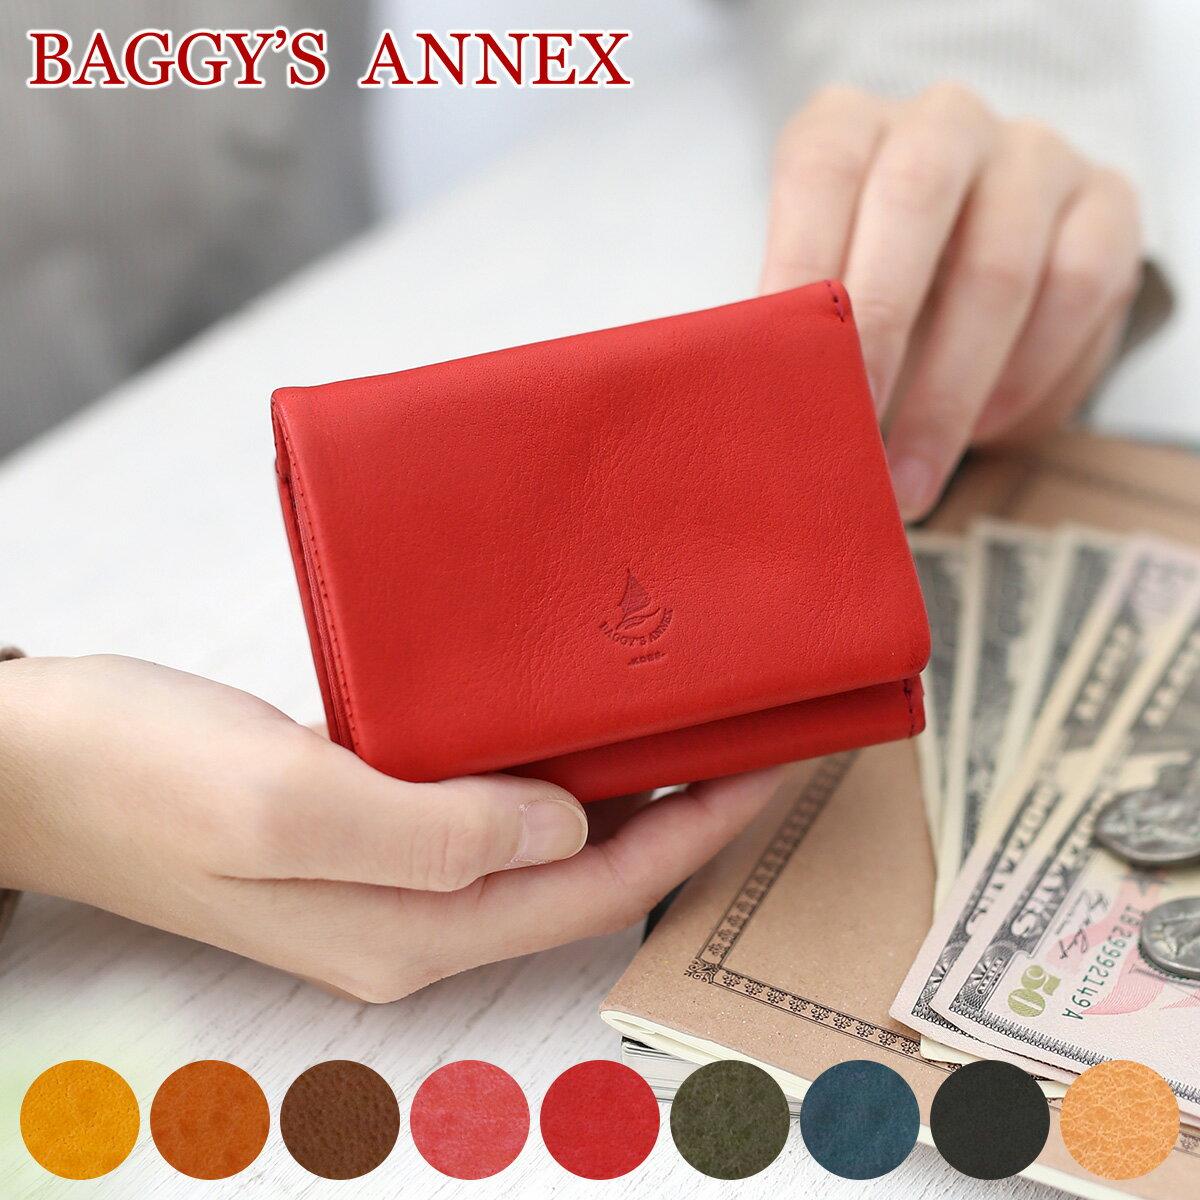 【選べるかわいいノベルティ付】 BAGGY'S ANNEX バギーズアネックス 財布 ミネルバミネルバボックス 小銭入れ付きミニ財布 LZYS-8008レディース ミニマム財布 ミニマル財布 コンパクト財布 三つ折り ミニ BAGGY PORT バギーポート ギフト プレゼント